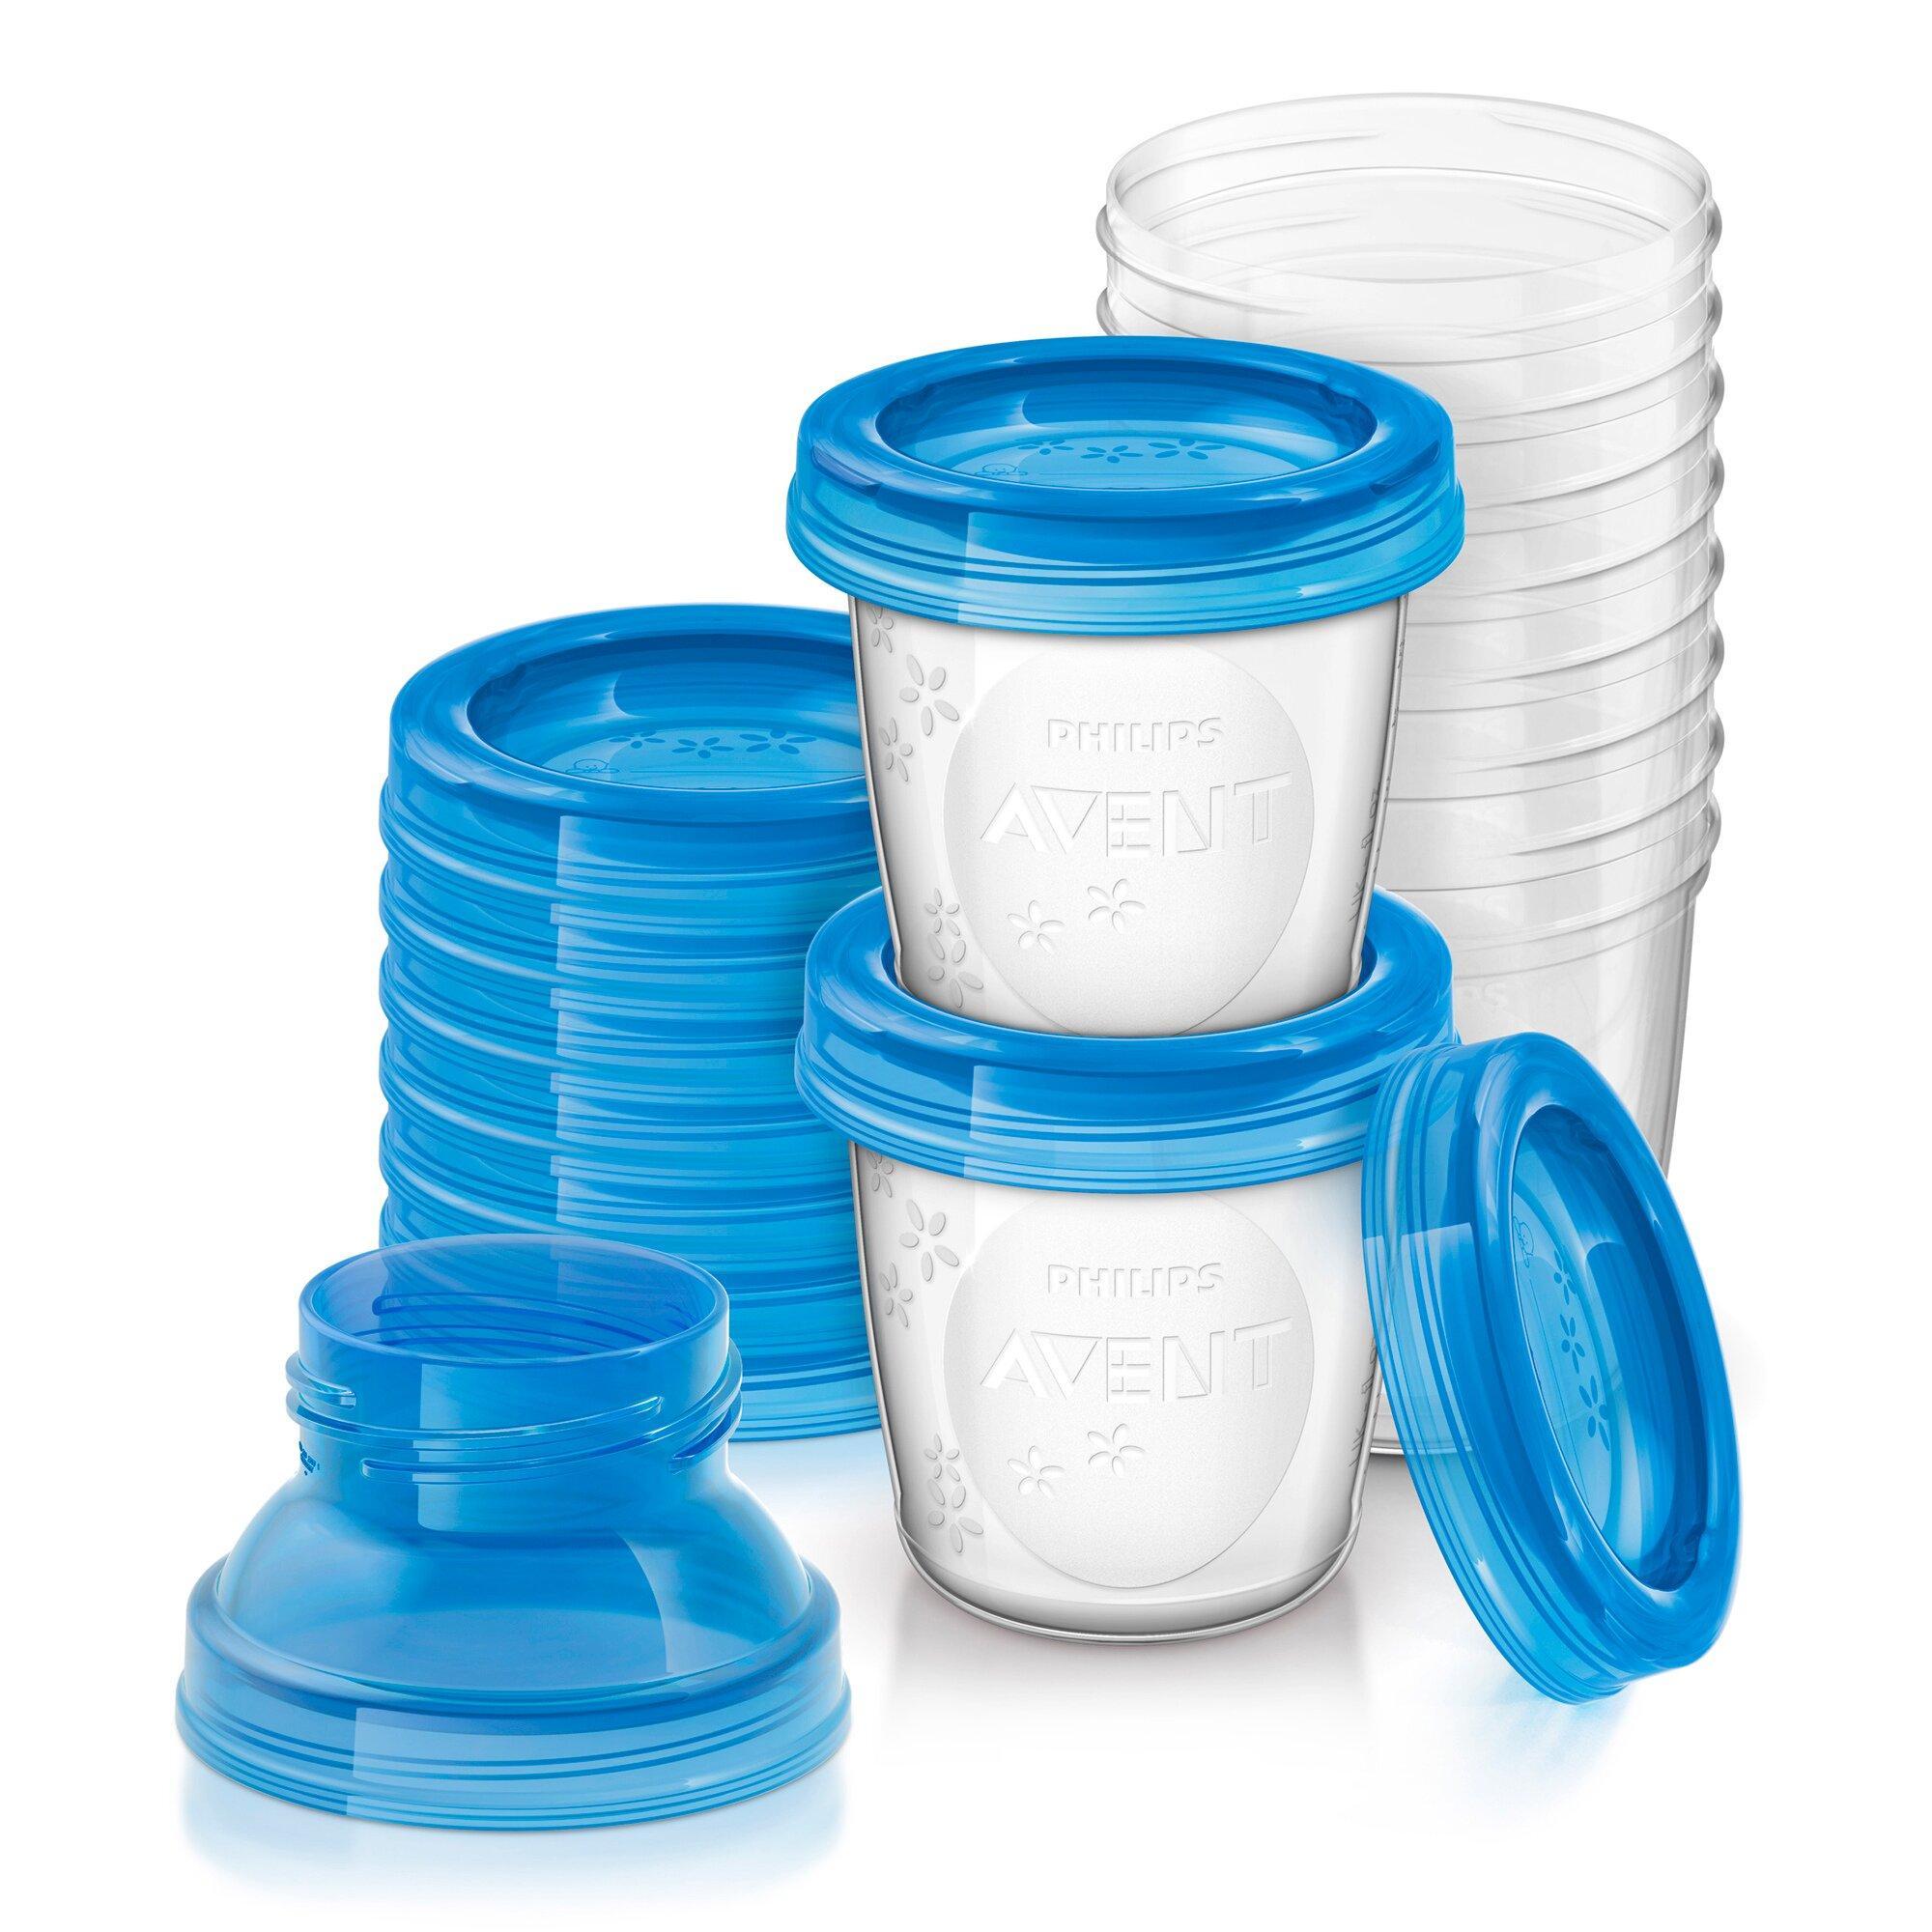 Aufbewahrungsbecher für Muttermilch, SCF618/10, 10x180ml Becher